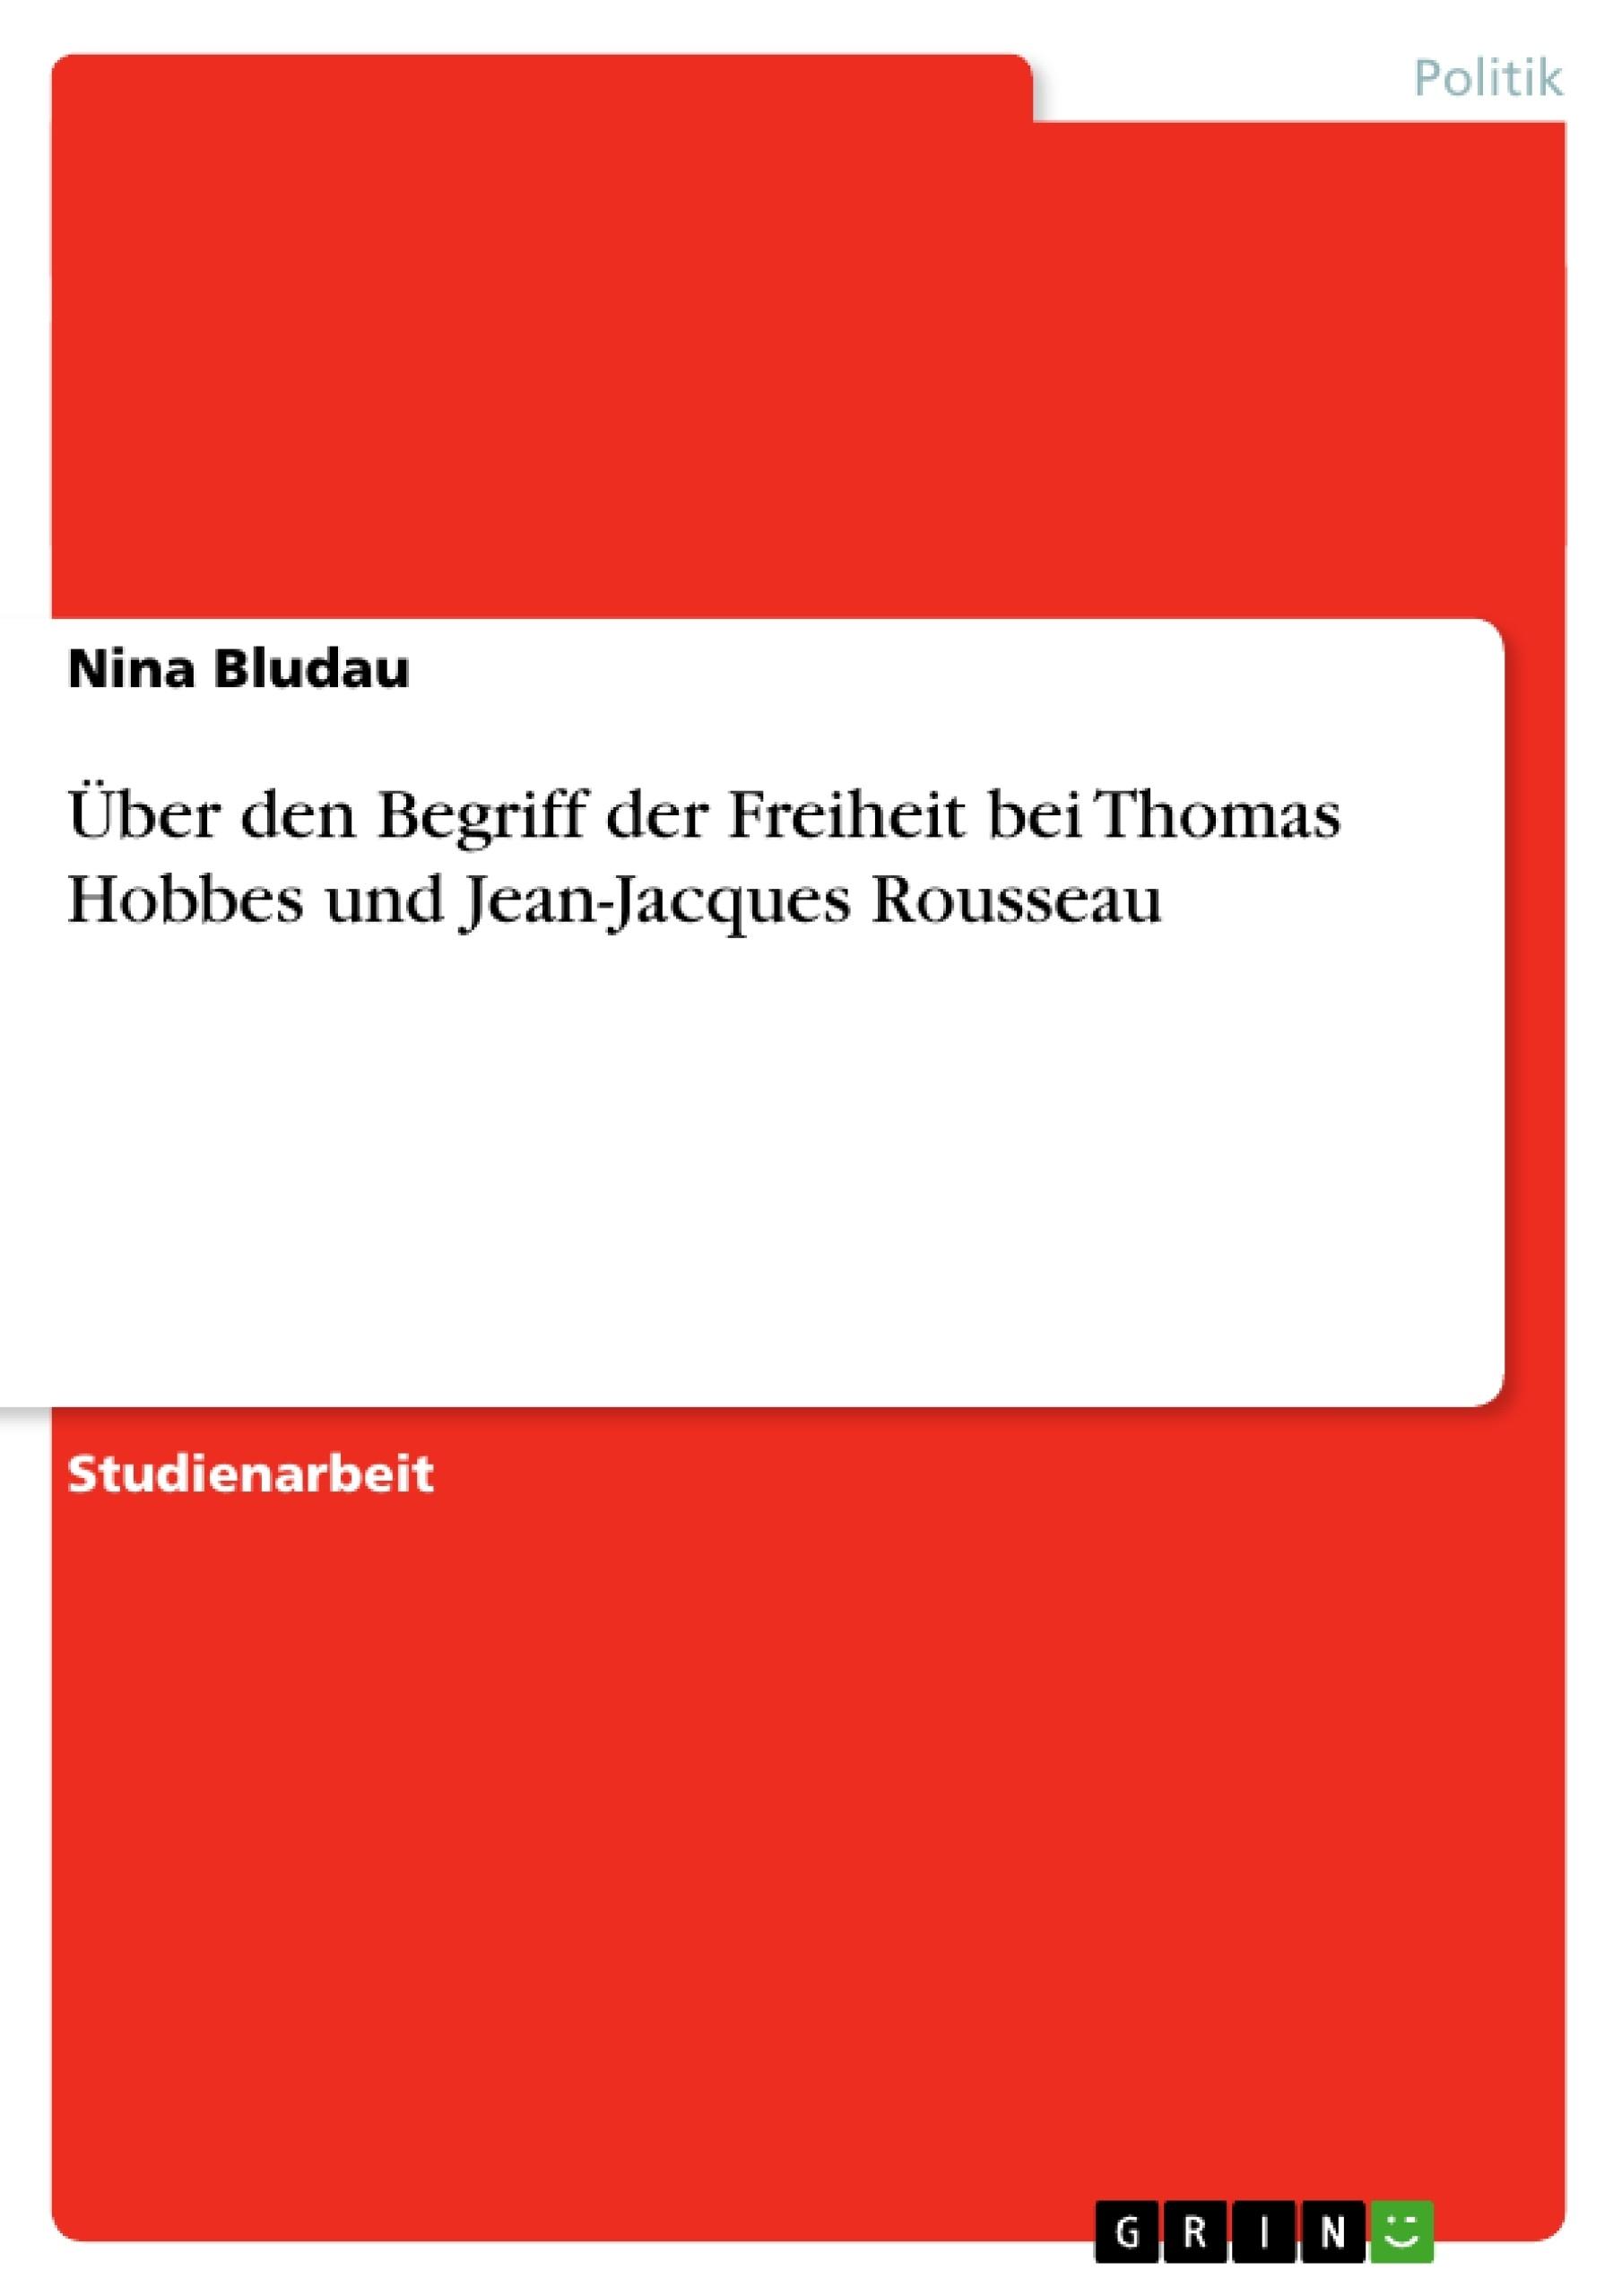 Titel: Über den Begriff der Freiheit bei Thomas Hobbes und Jean-Jacques Rousseau